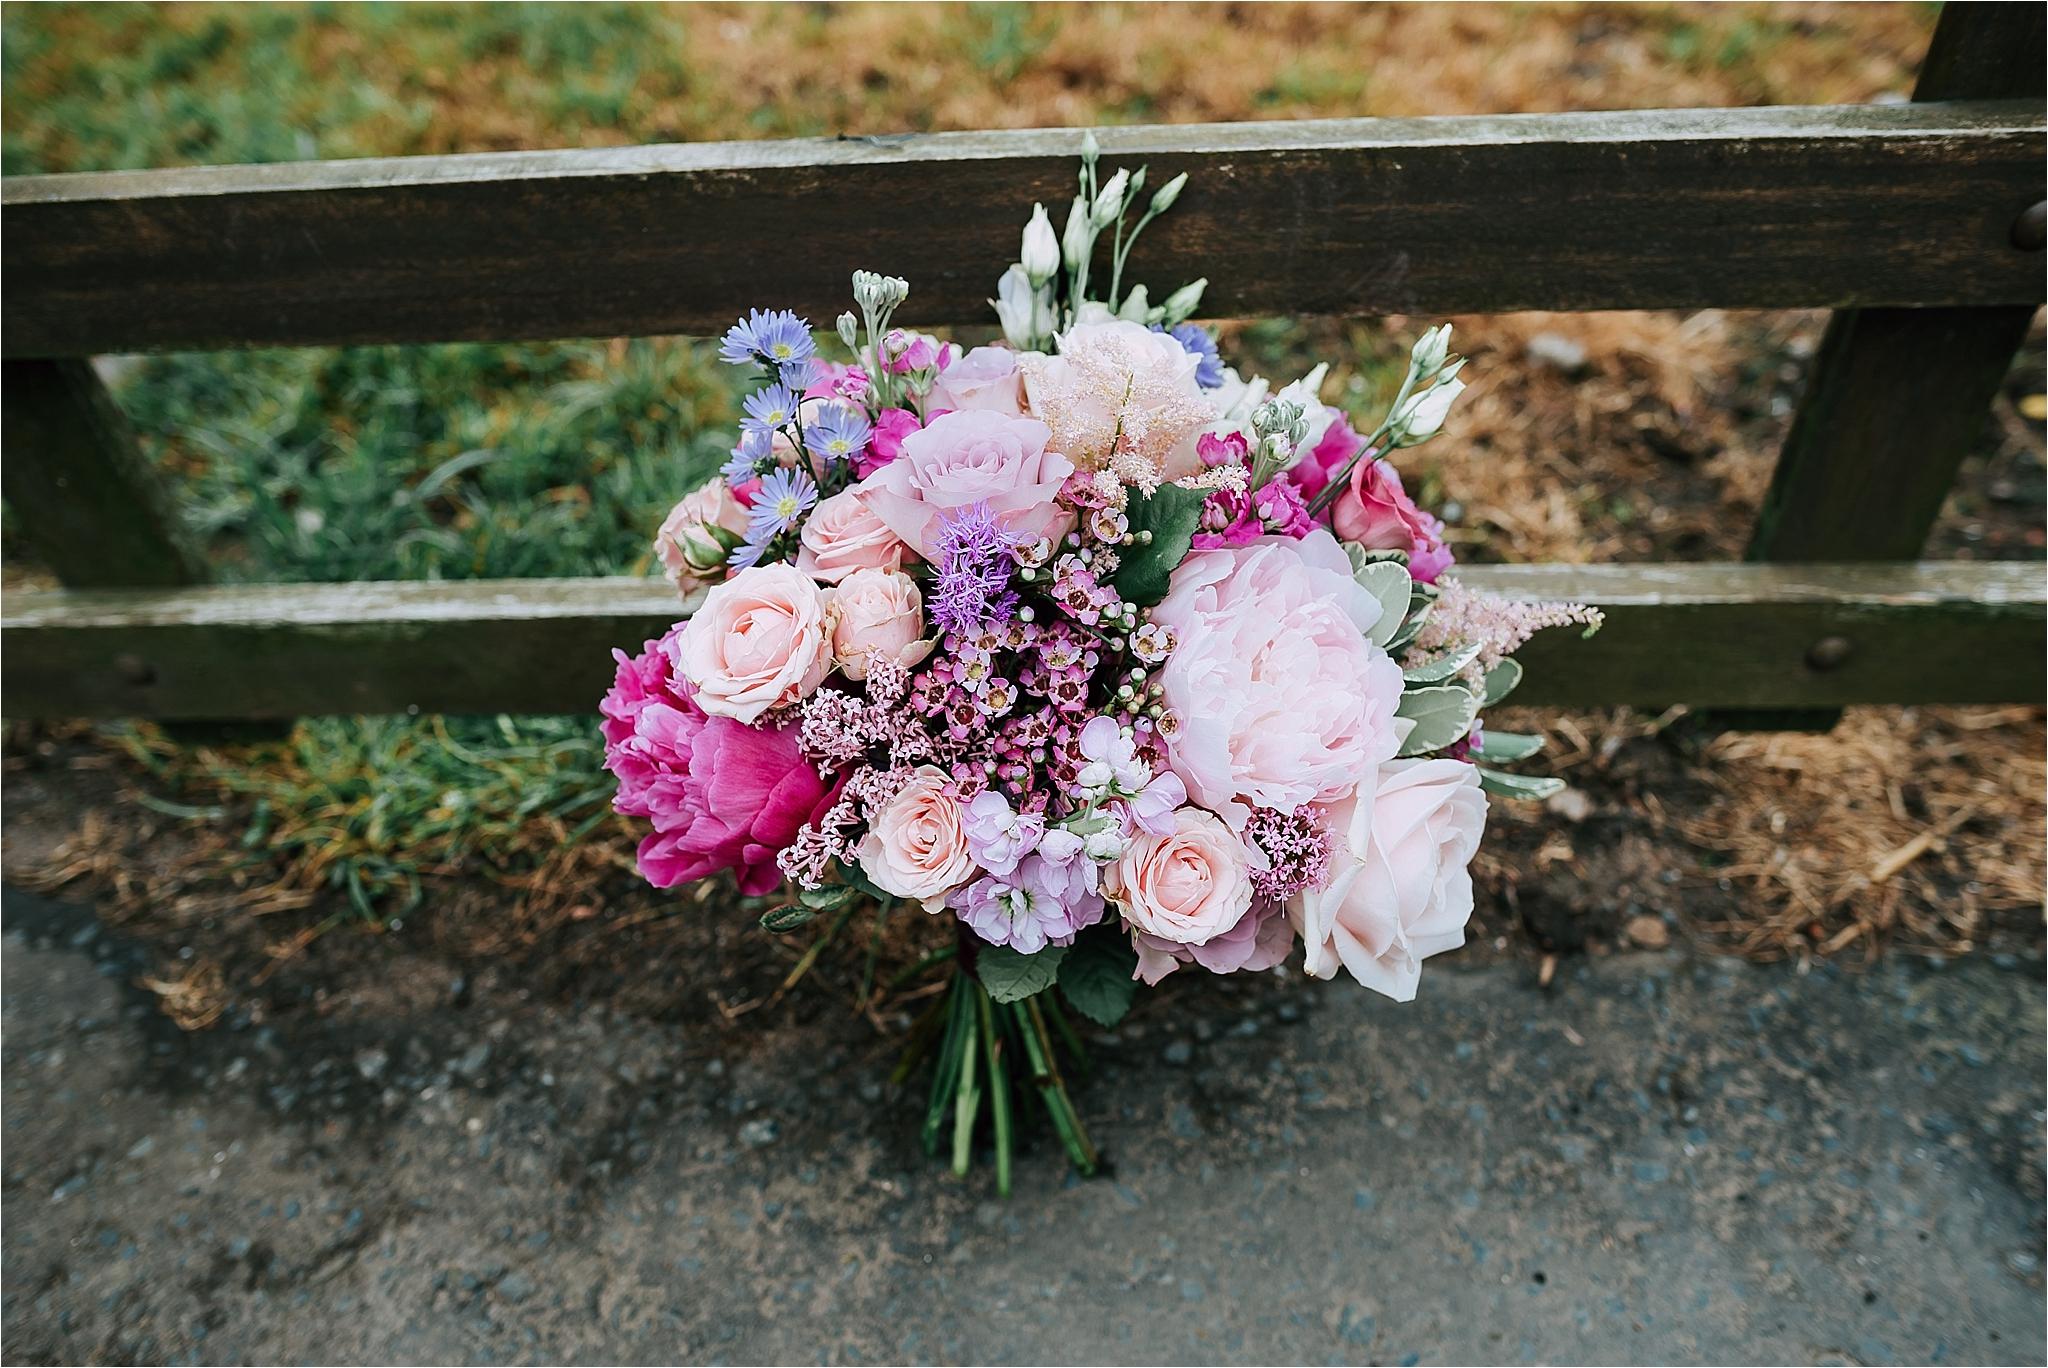 lancashireweddingphotography_0002.jpg